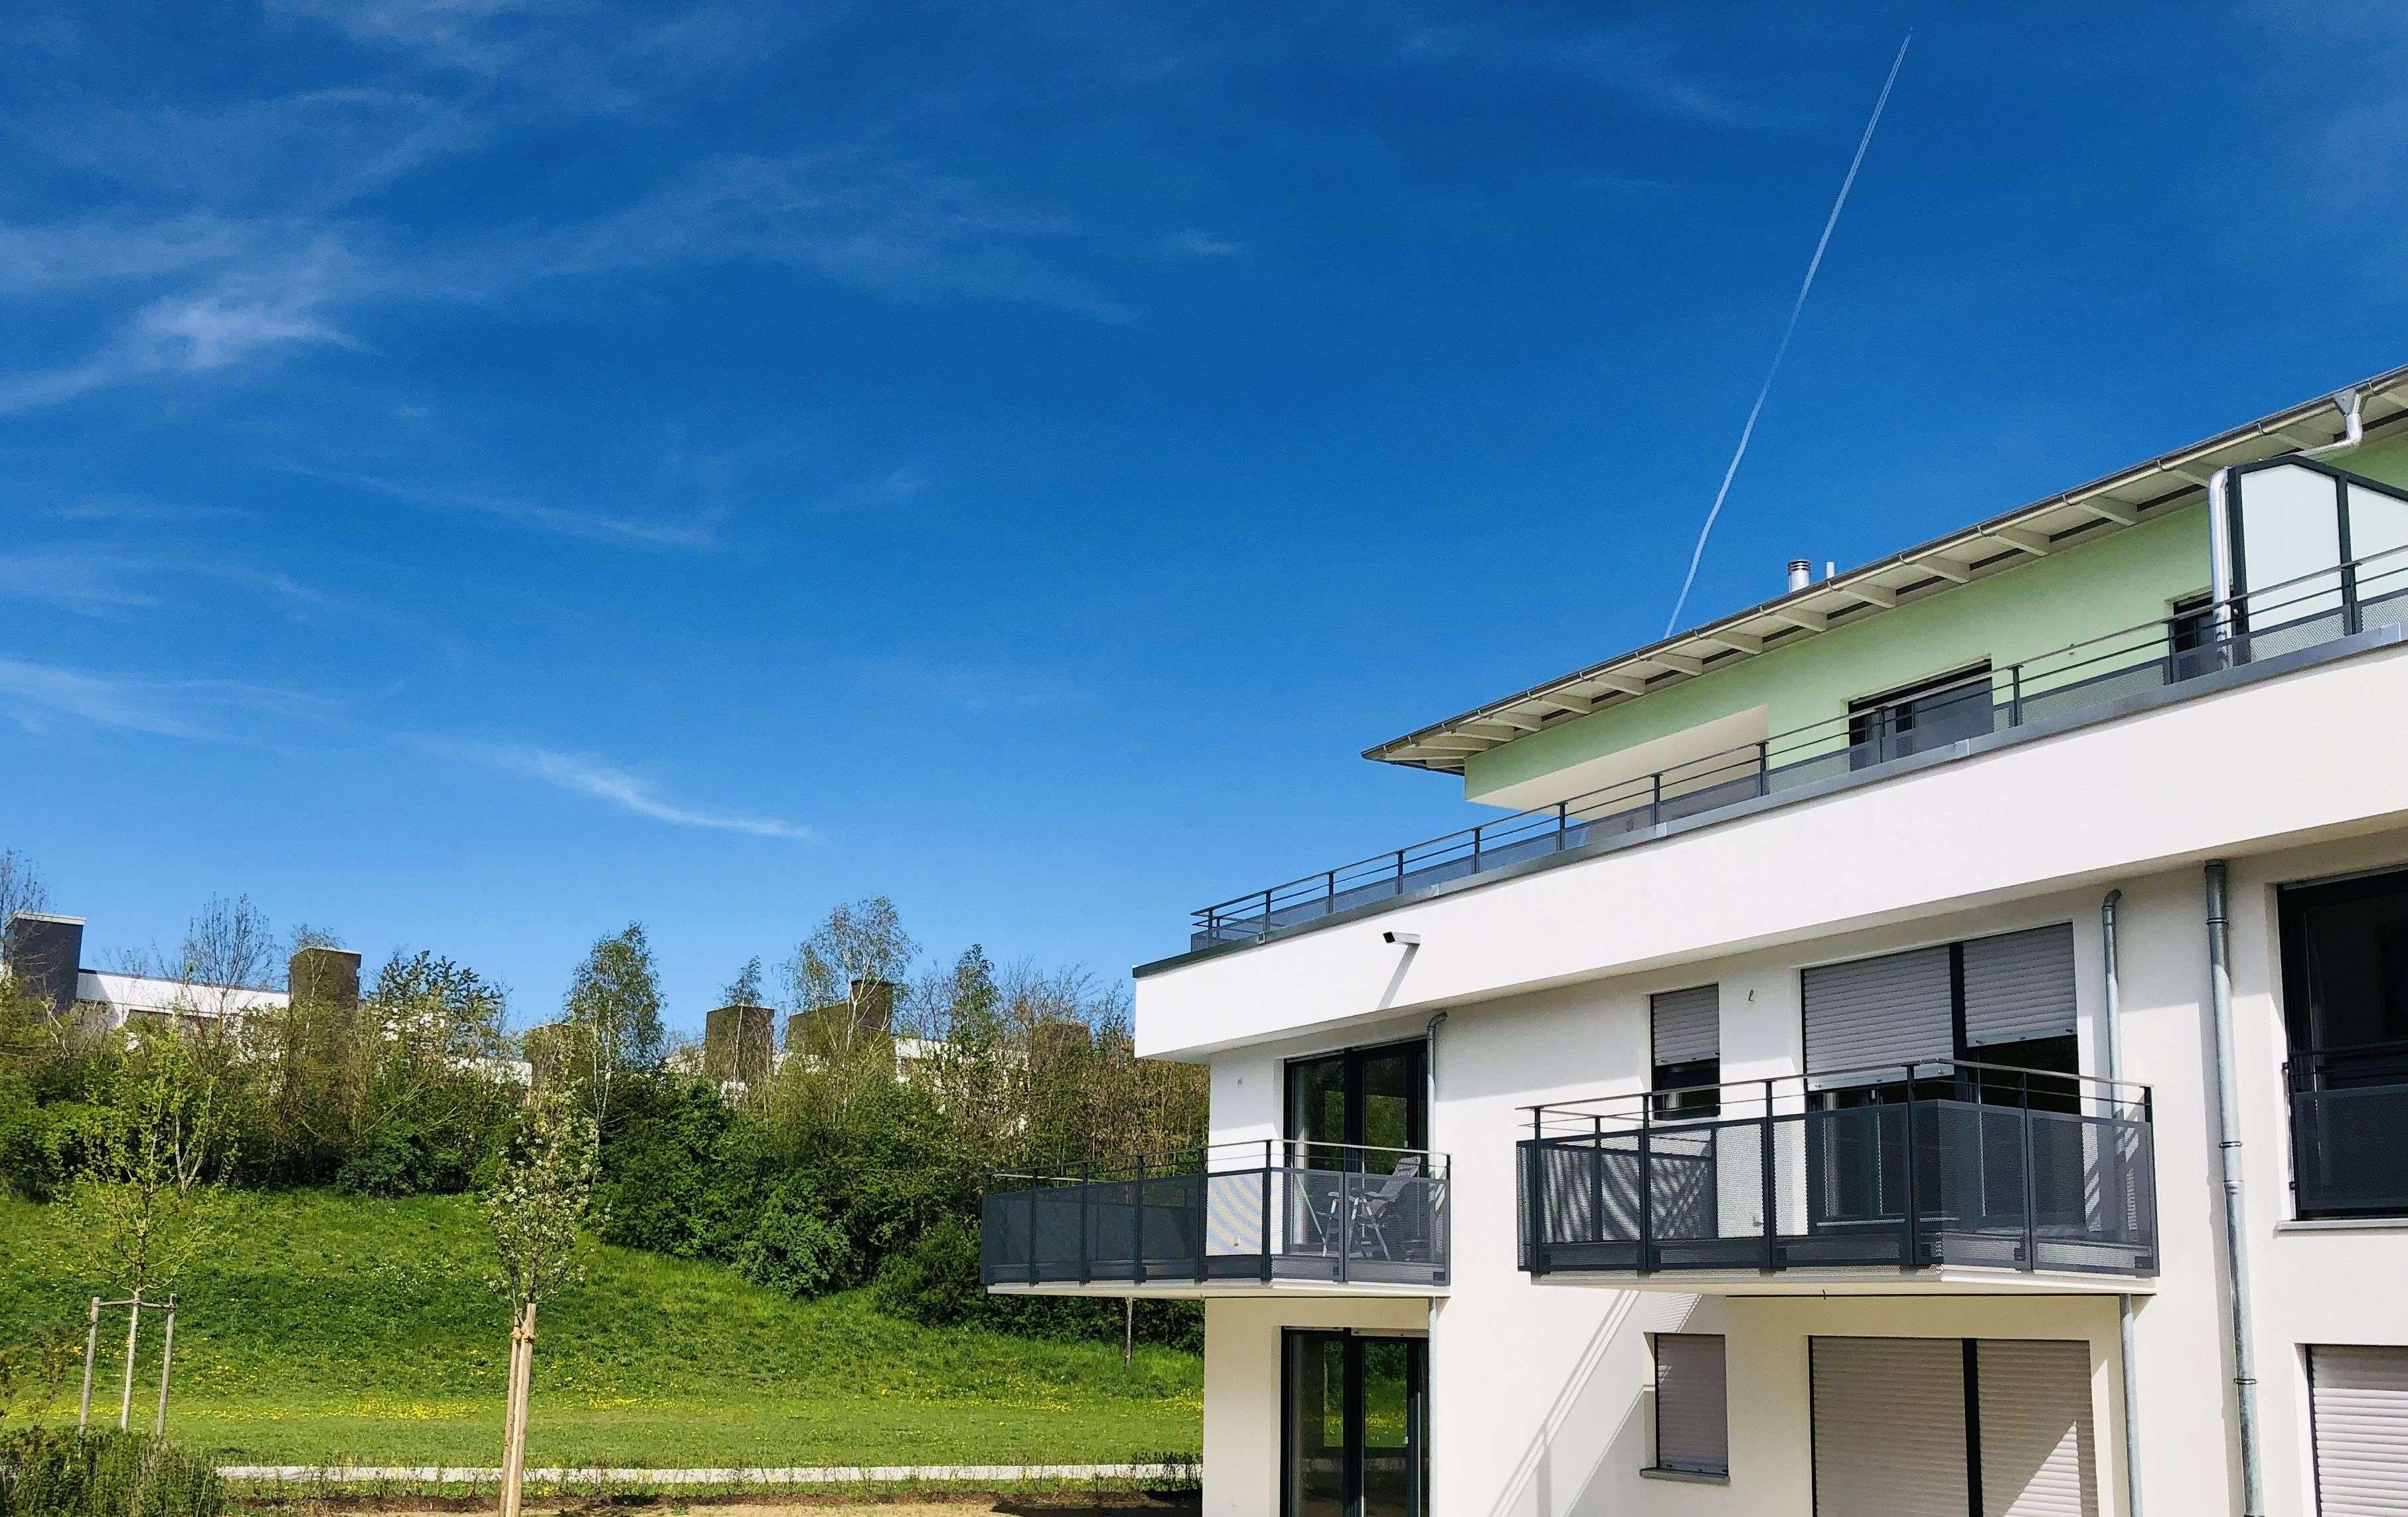 + TOP NEUBAU // ERSTBEZUG -- Exklusive Dachterrassenwohnung - Fußbodenheizung - 2 Bäder - 2x TG